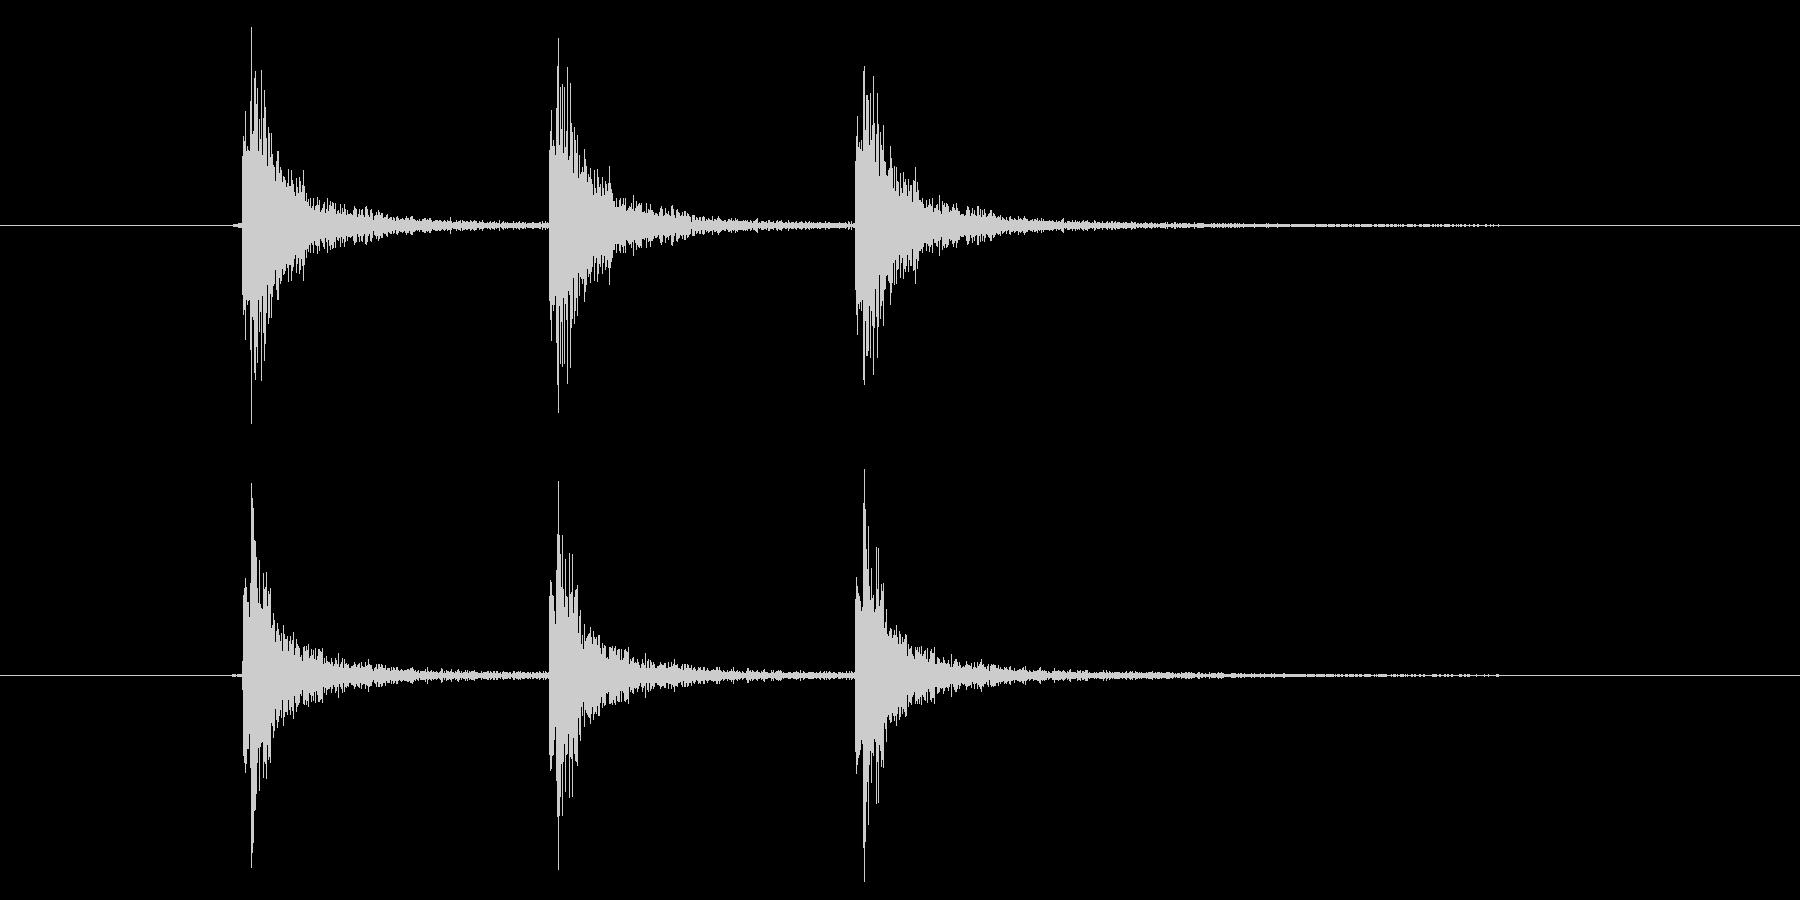 作る/かなづち/装備品作成/連続の未再生の波形